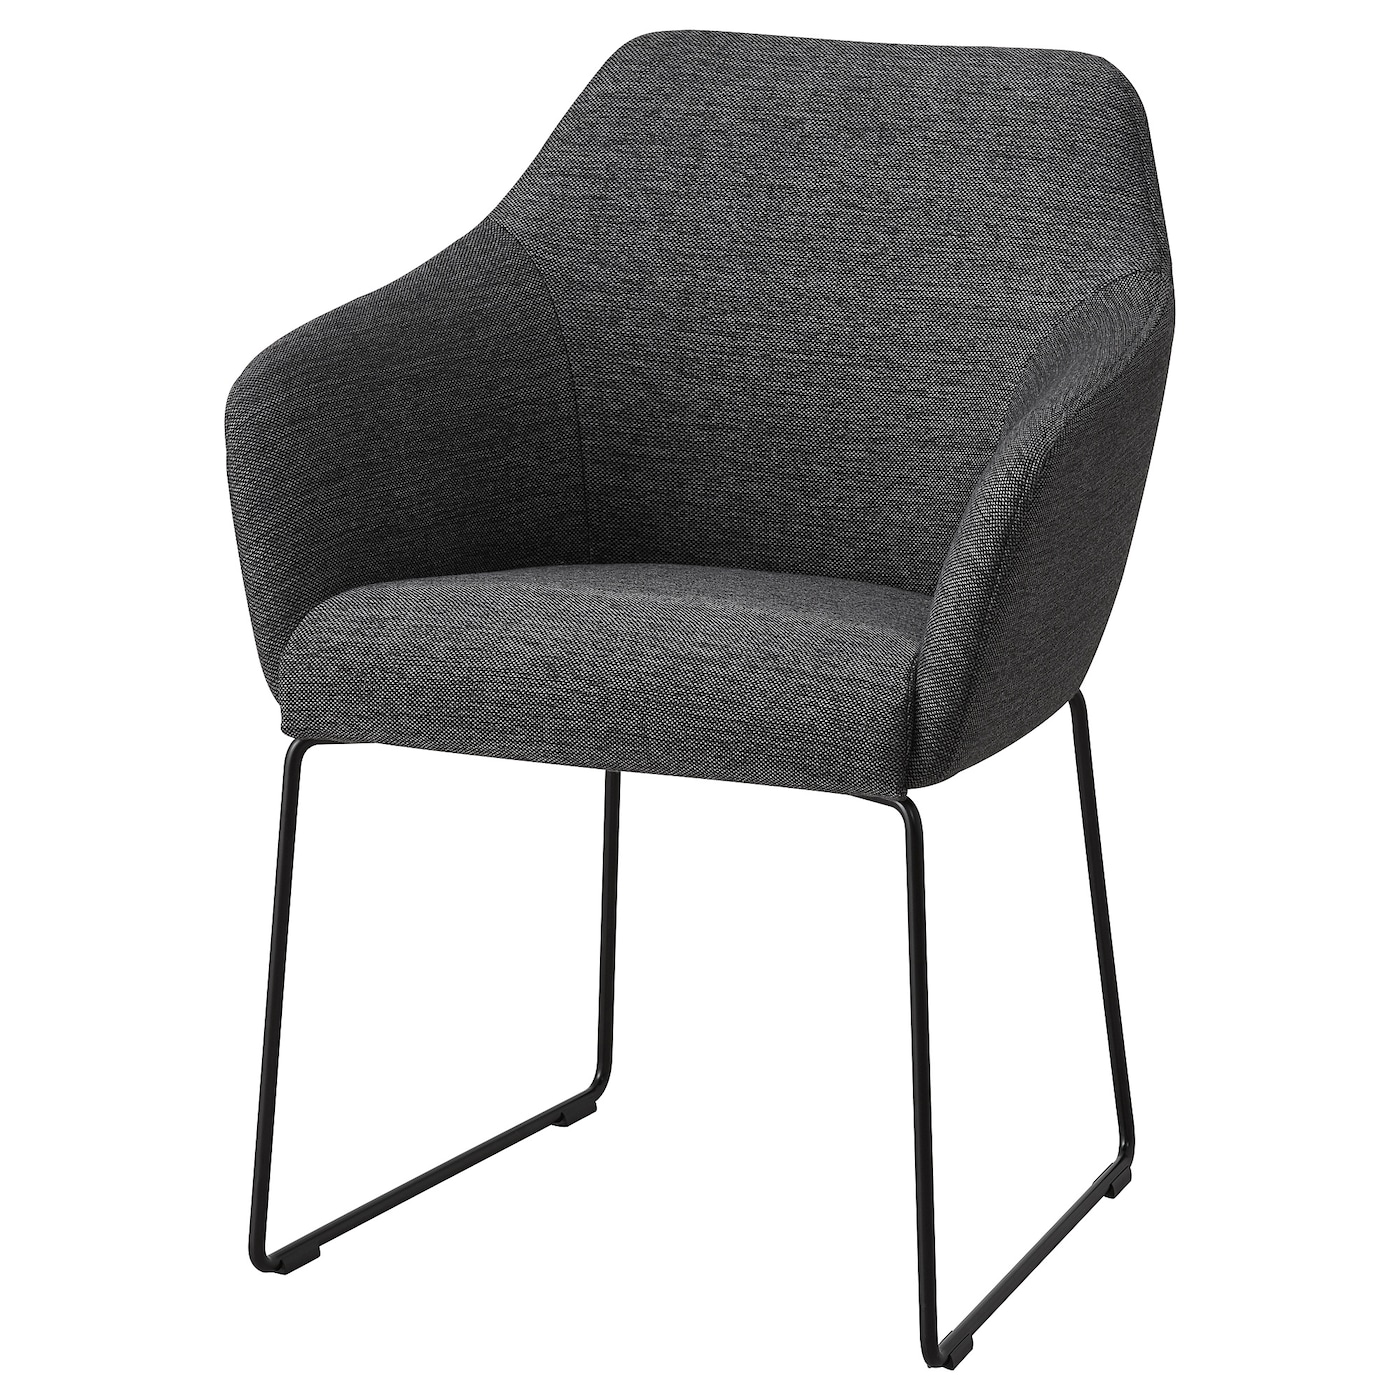 IKEA TOSSBERG szare krzesło z czarnymi, metalowymi nogami